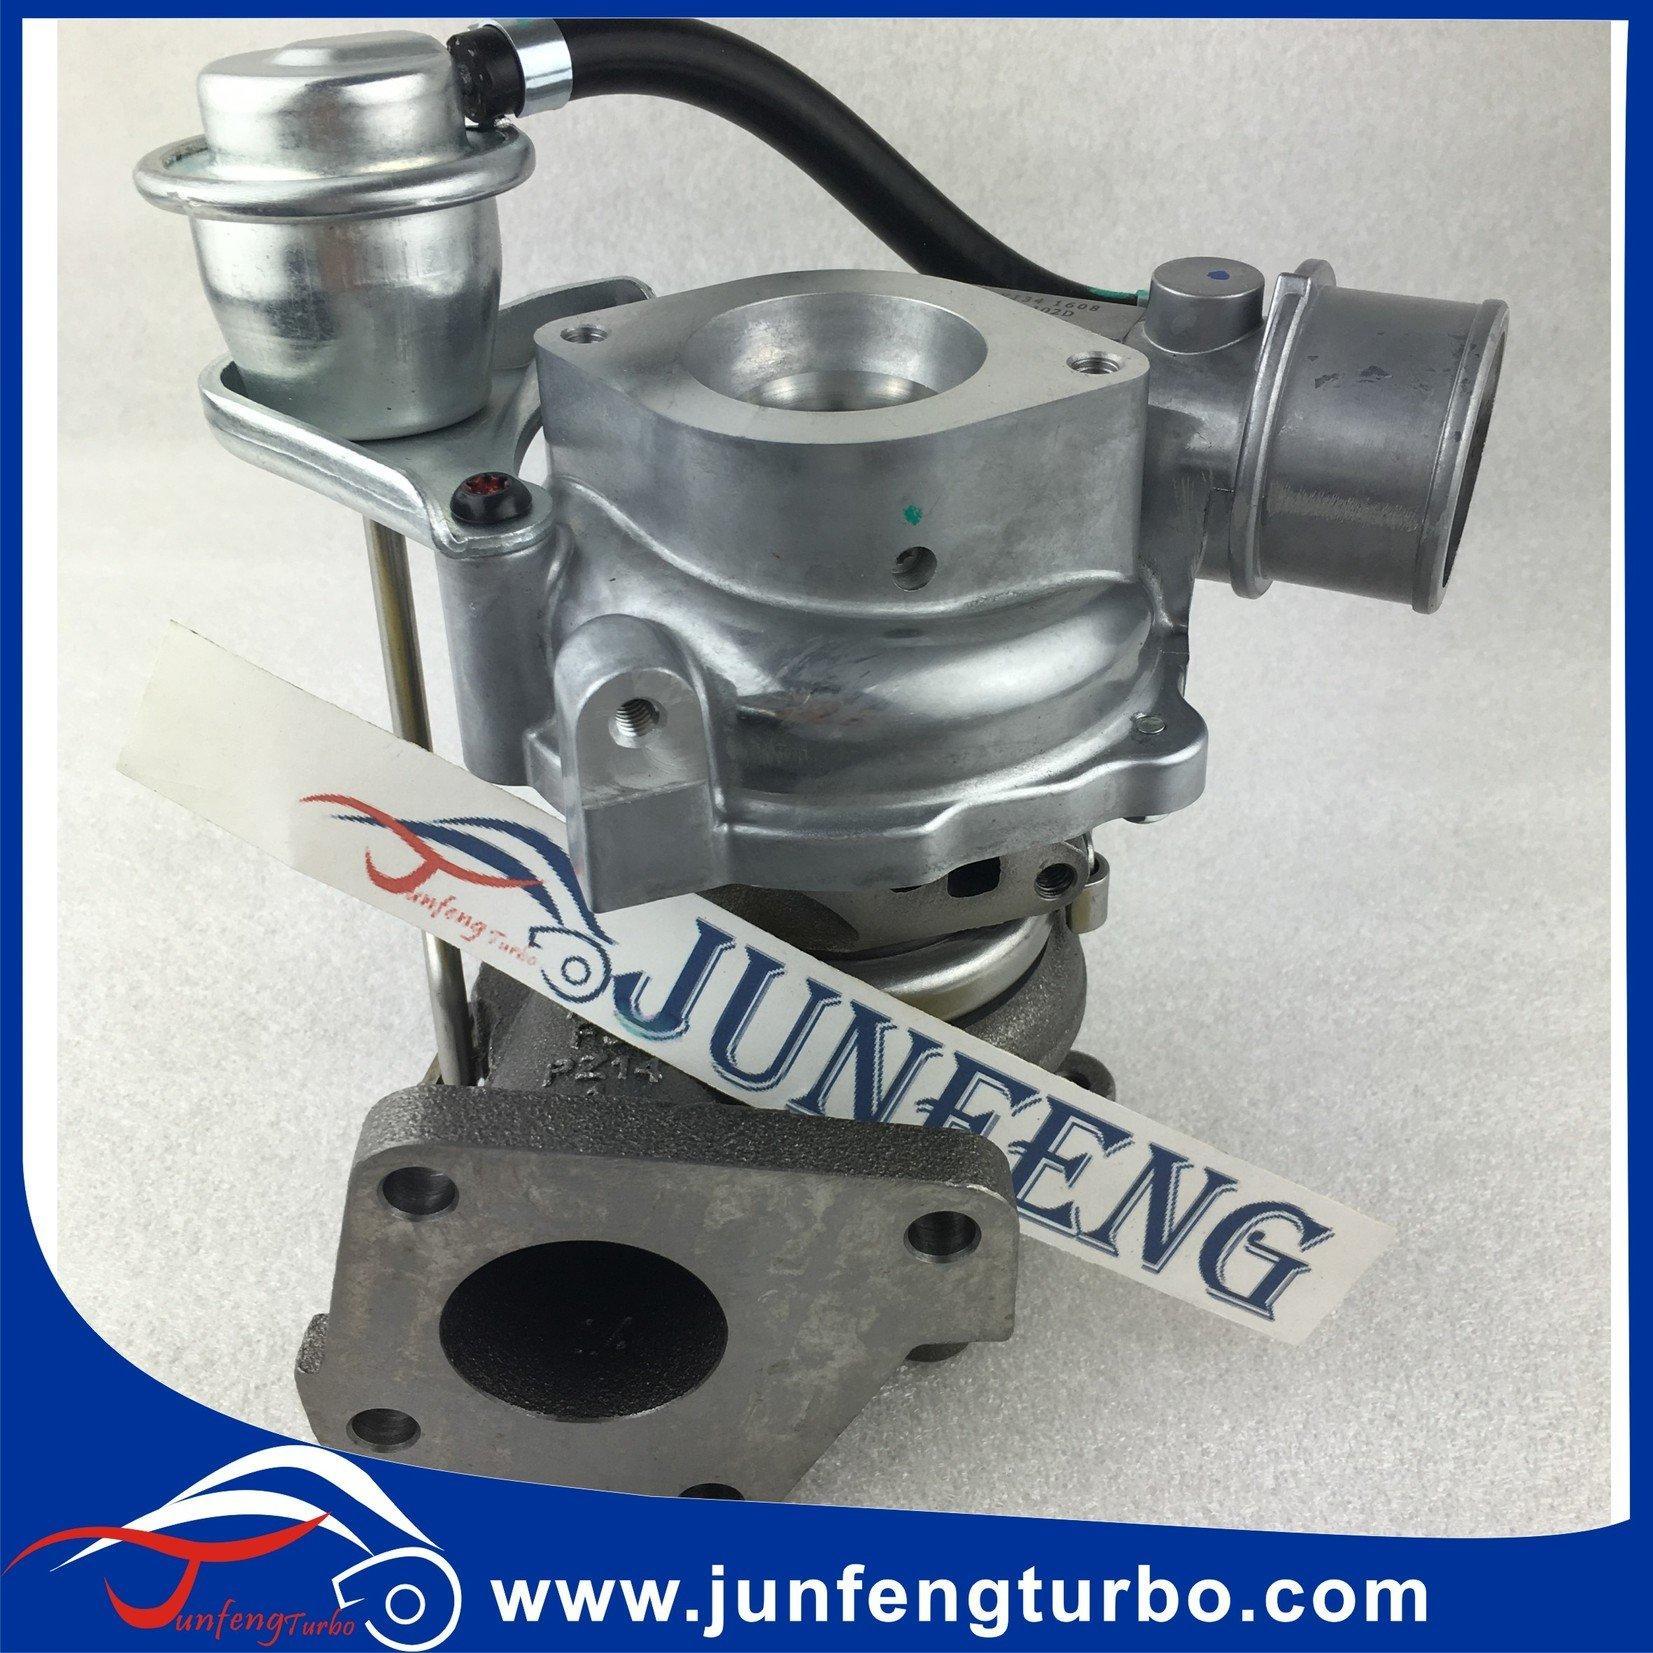 RHF3H Mazda VJ34 0903 turbo VD410084 turbocharger RF6C